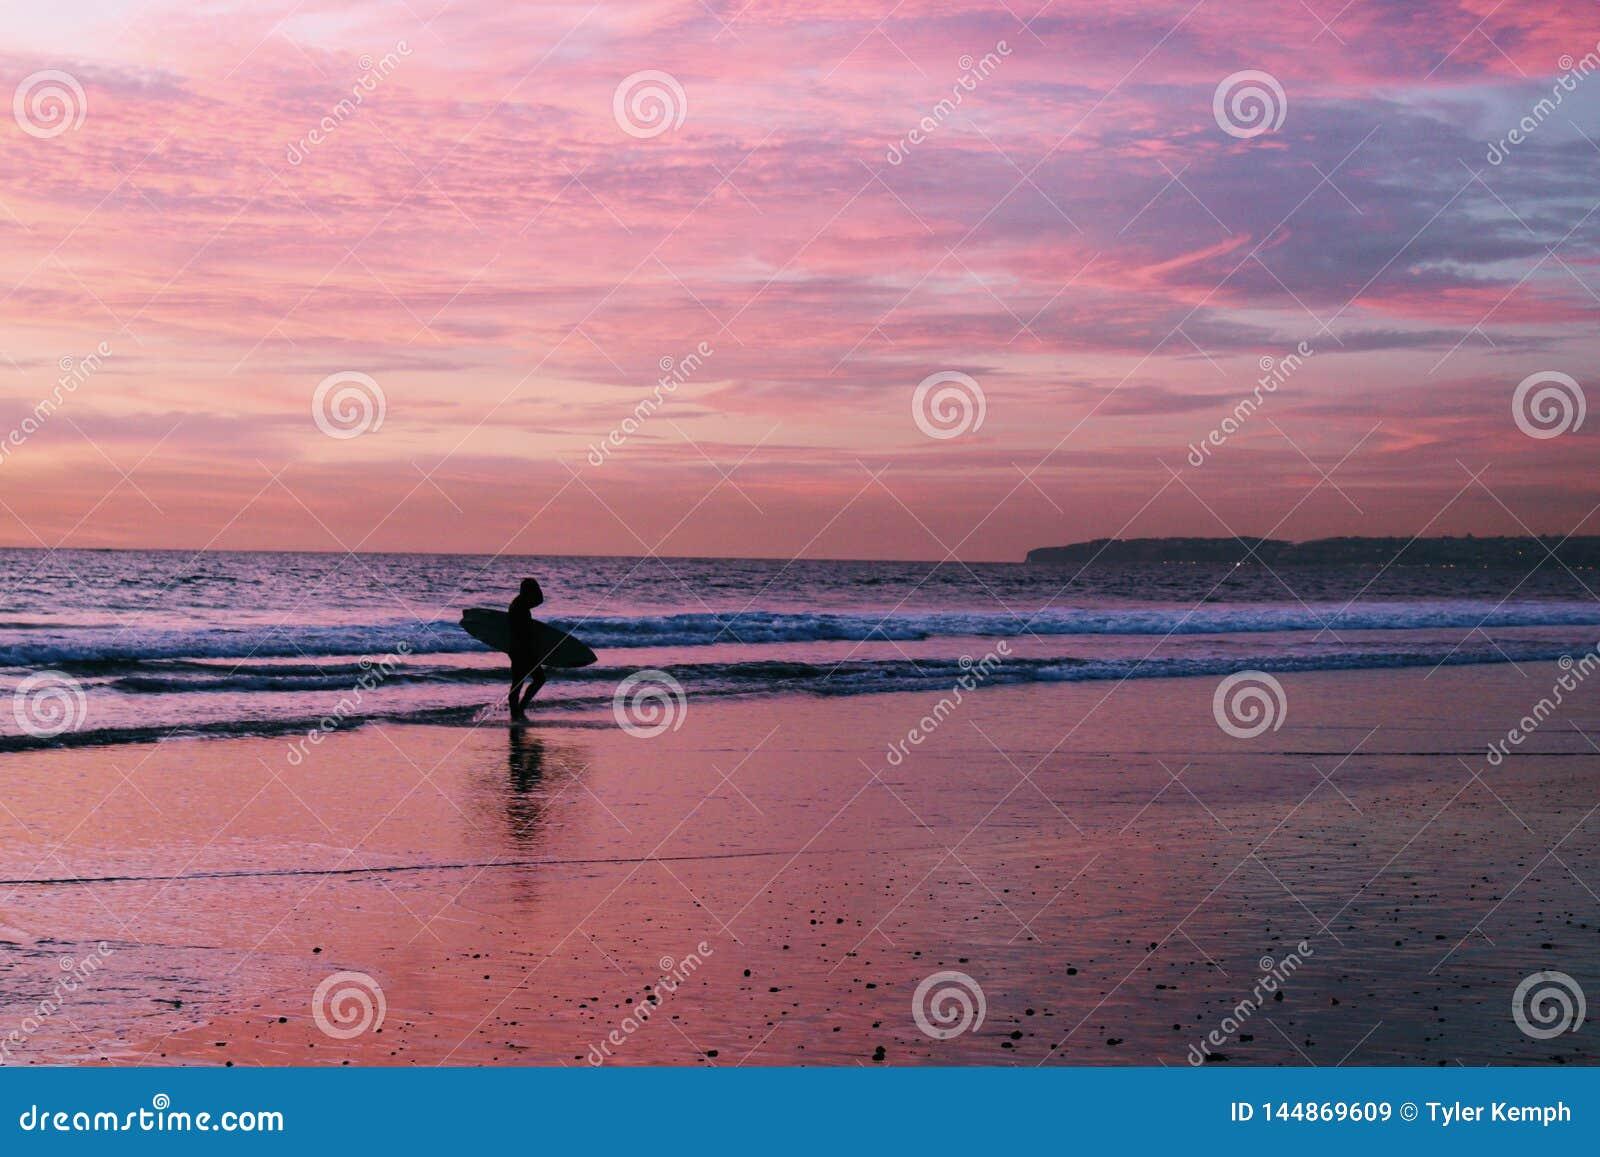 Persona que practica surf en la playa durante puesta del sol